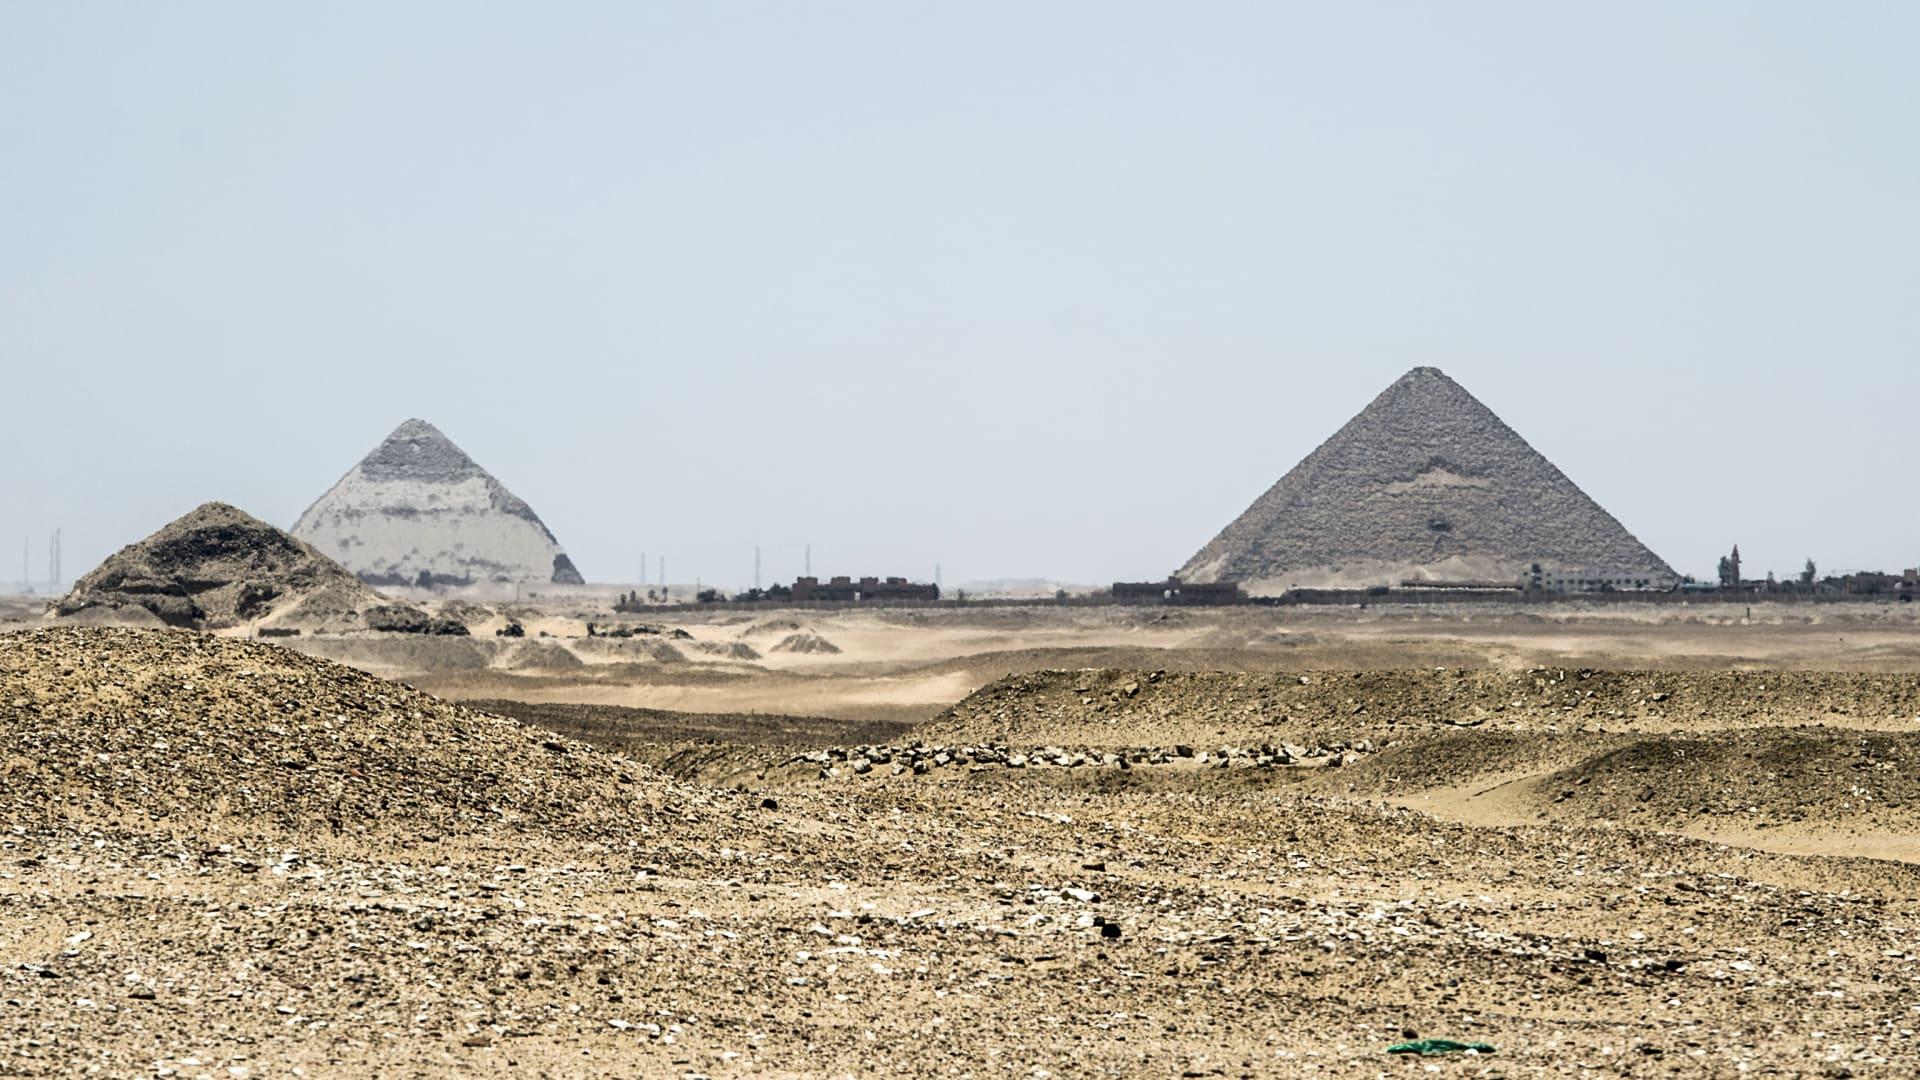 وجهة سياحية مخبأة في صحراء مصر.. واحة سيوة هي ملاذ للعلاجات الصحية الطبيعية